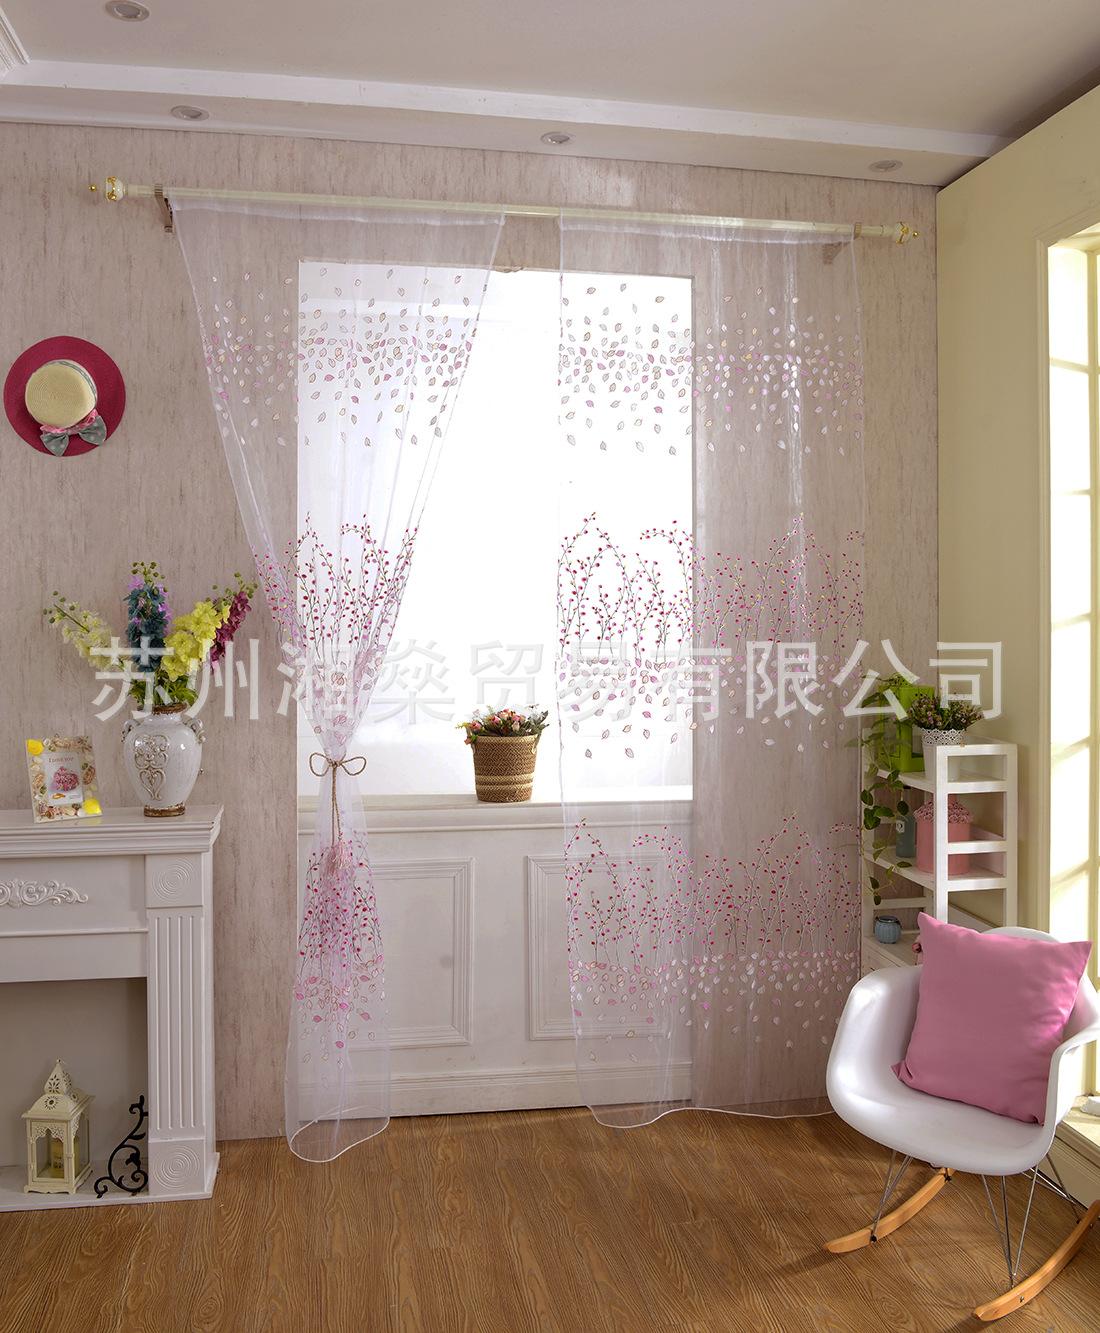 Compra panel translúcido online al por mayor de China ...